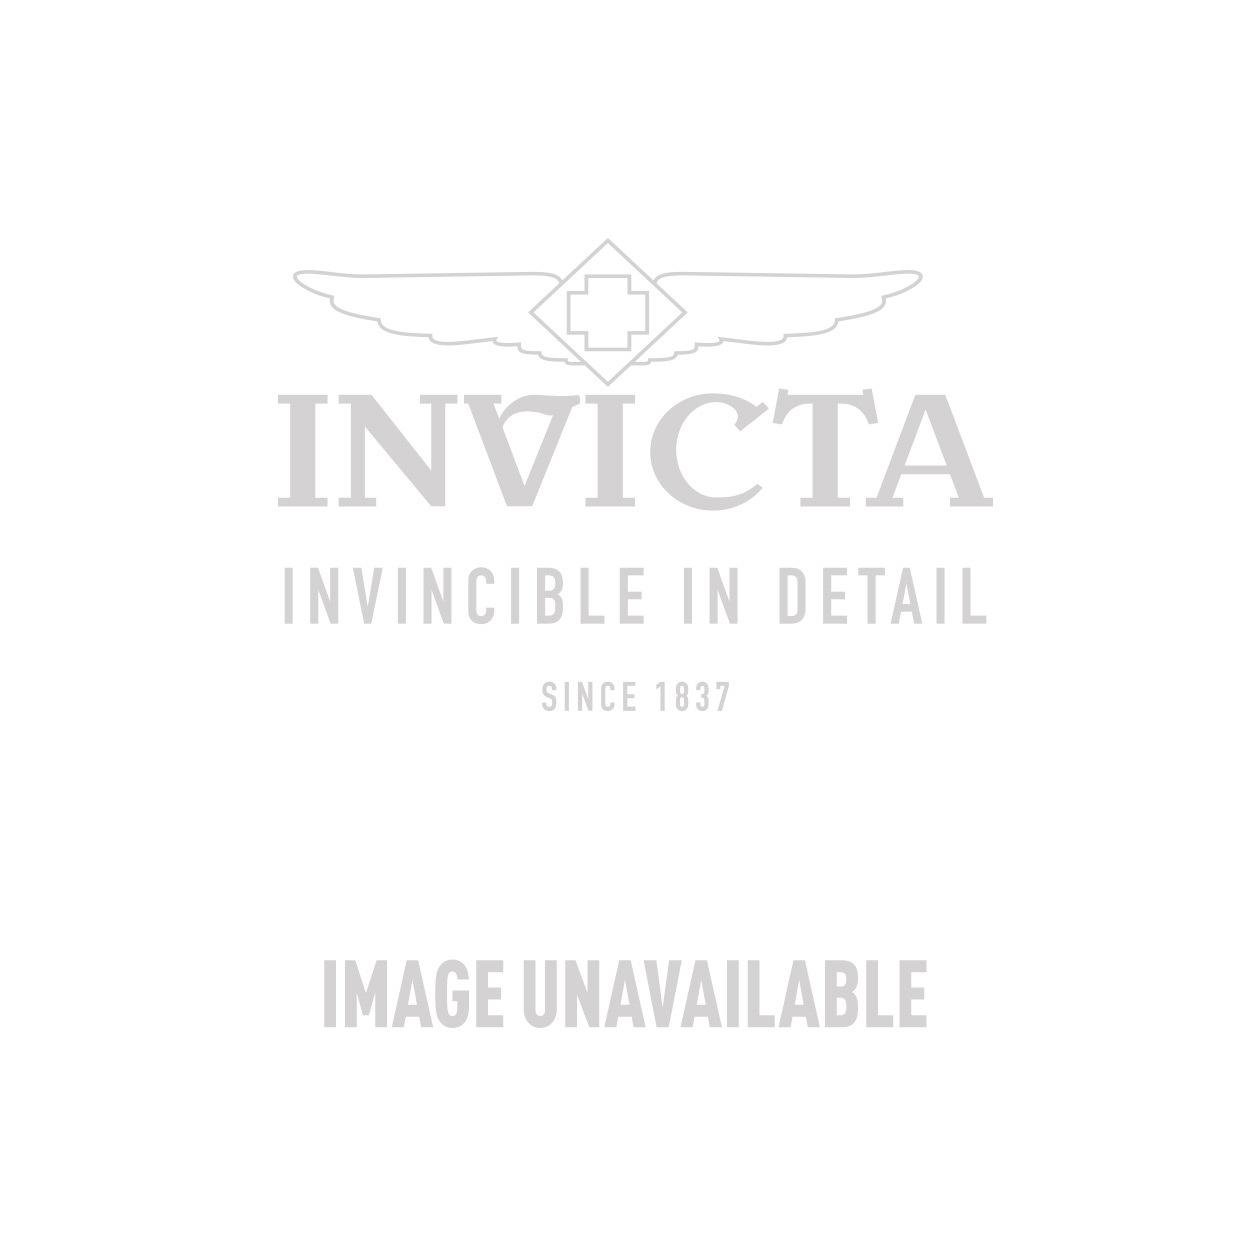 Invicta Model 28104